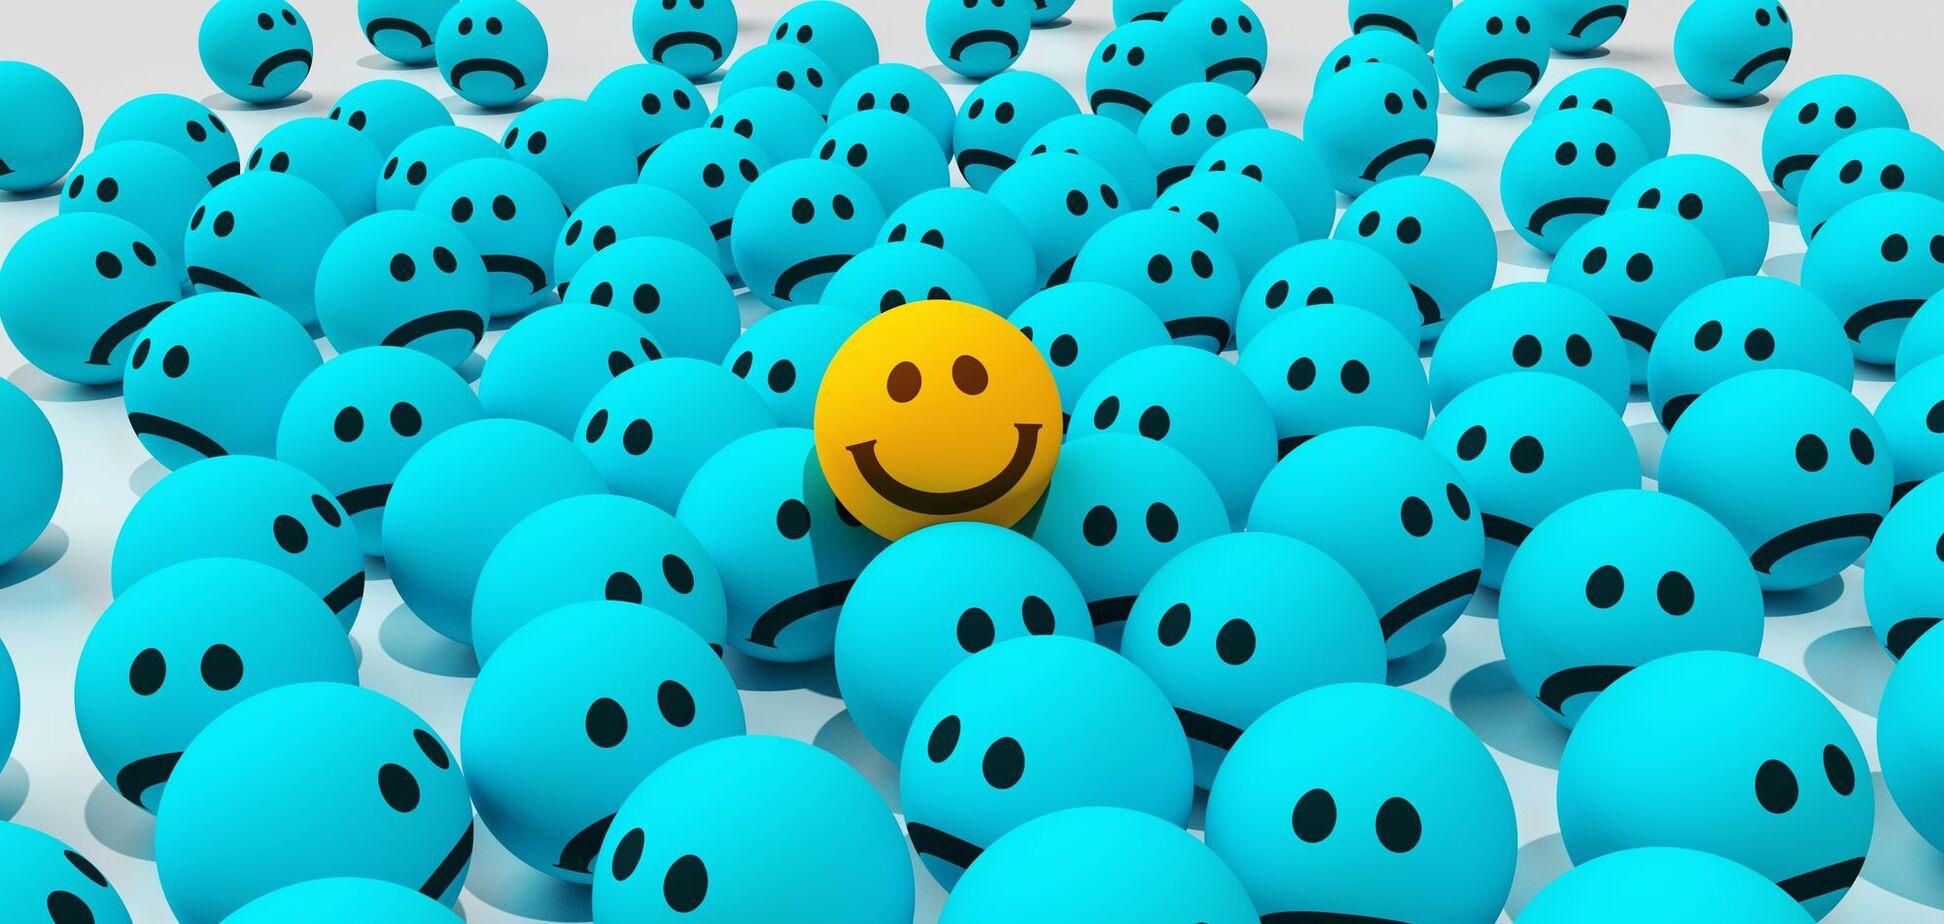 Подборка приколов и анекдотов поможет поднять настроение